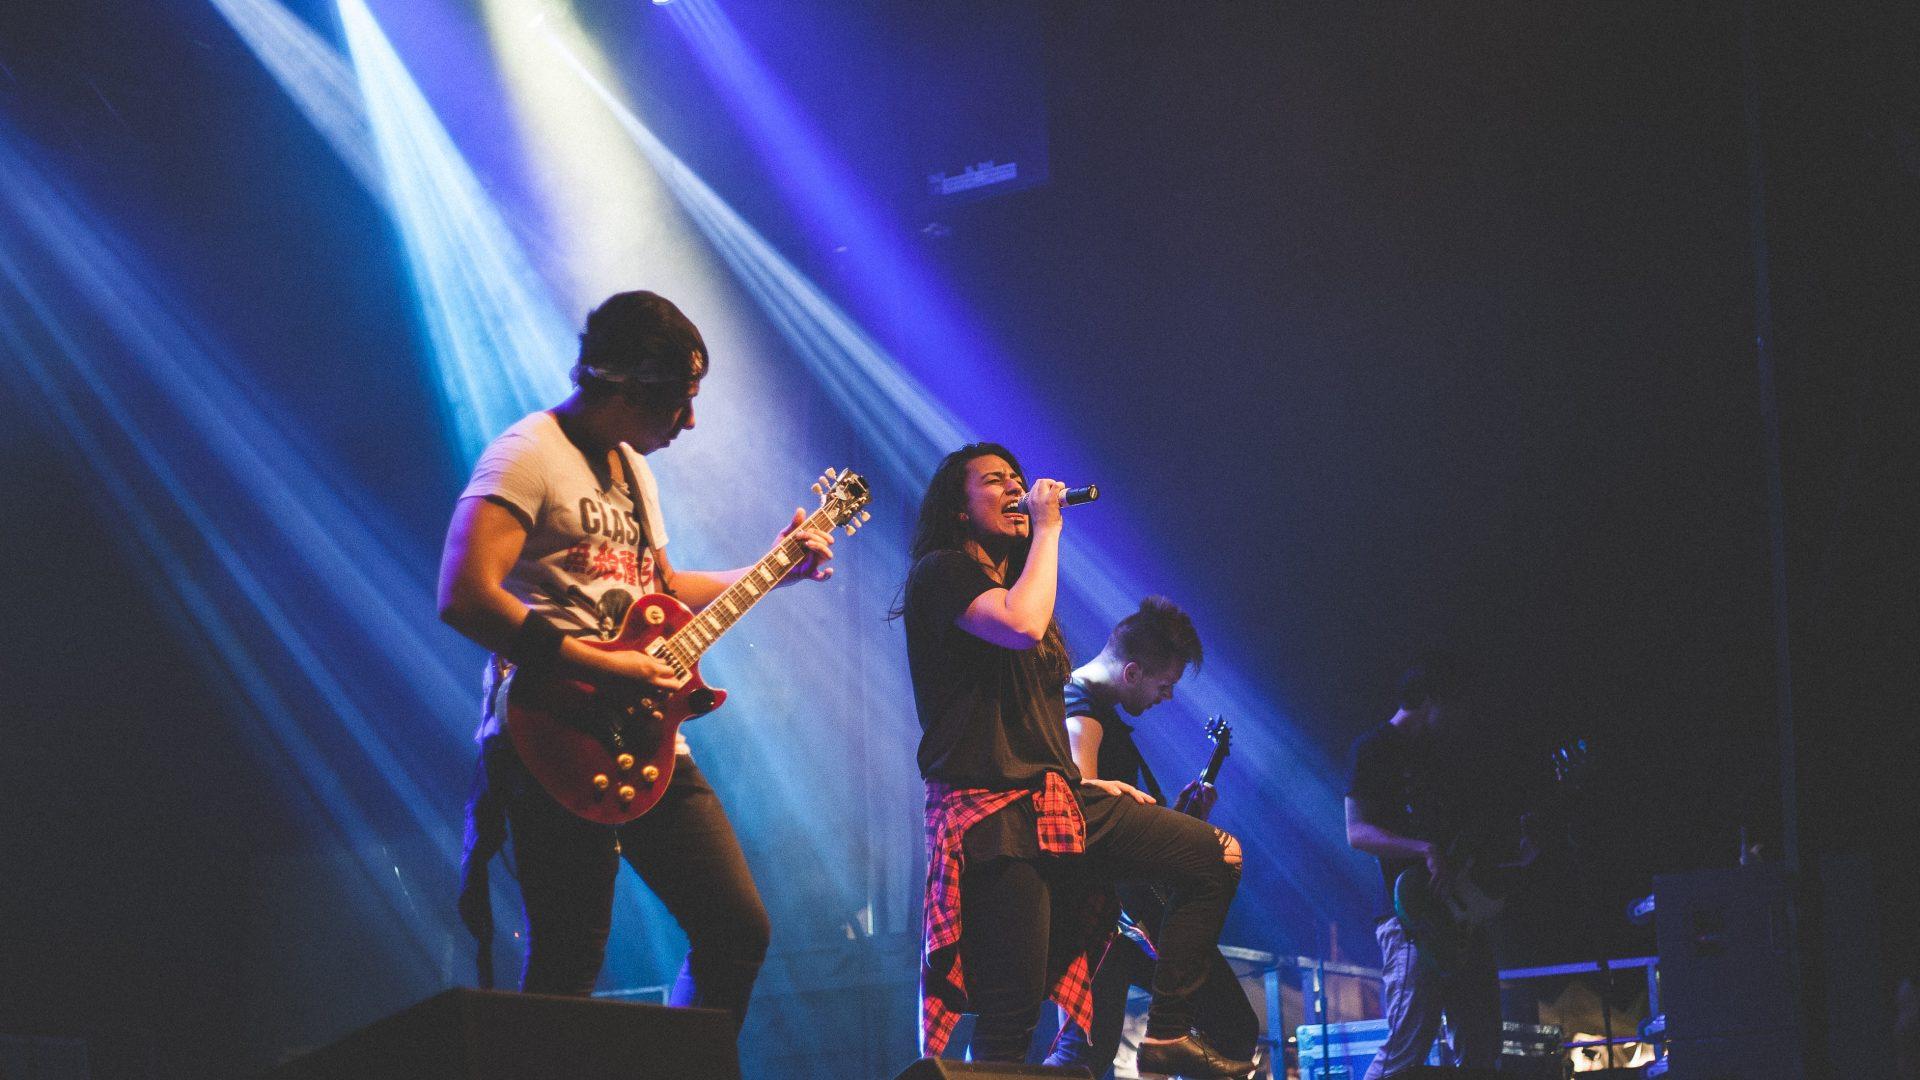 cd maken Replifact concert foto